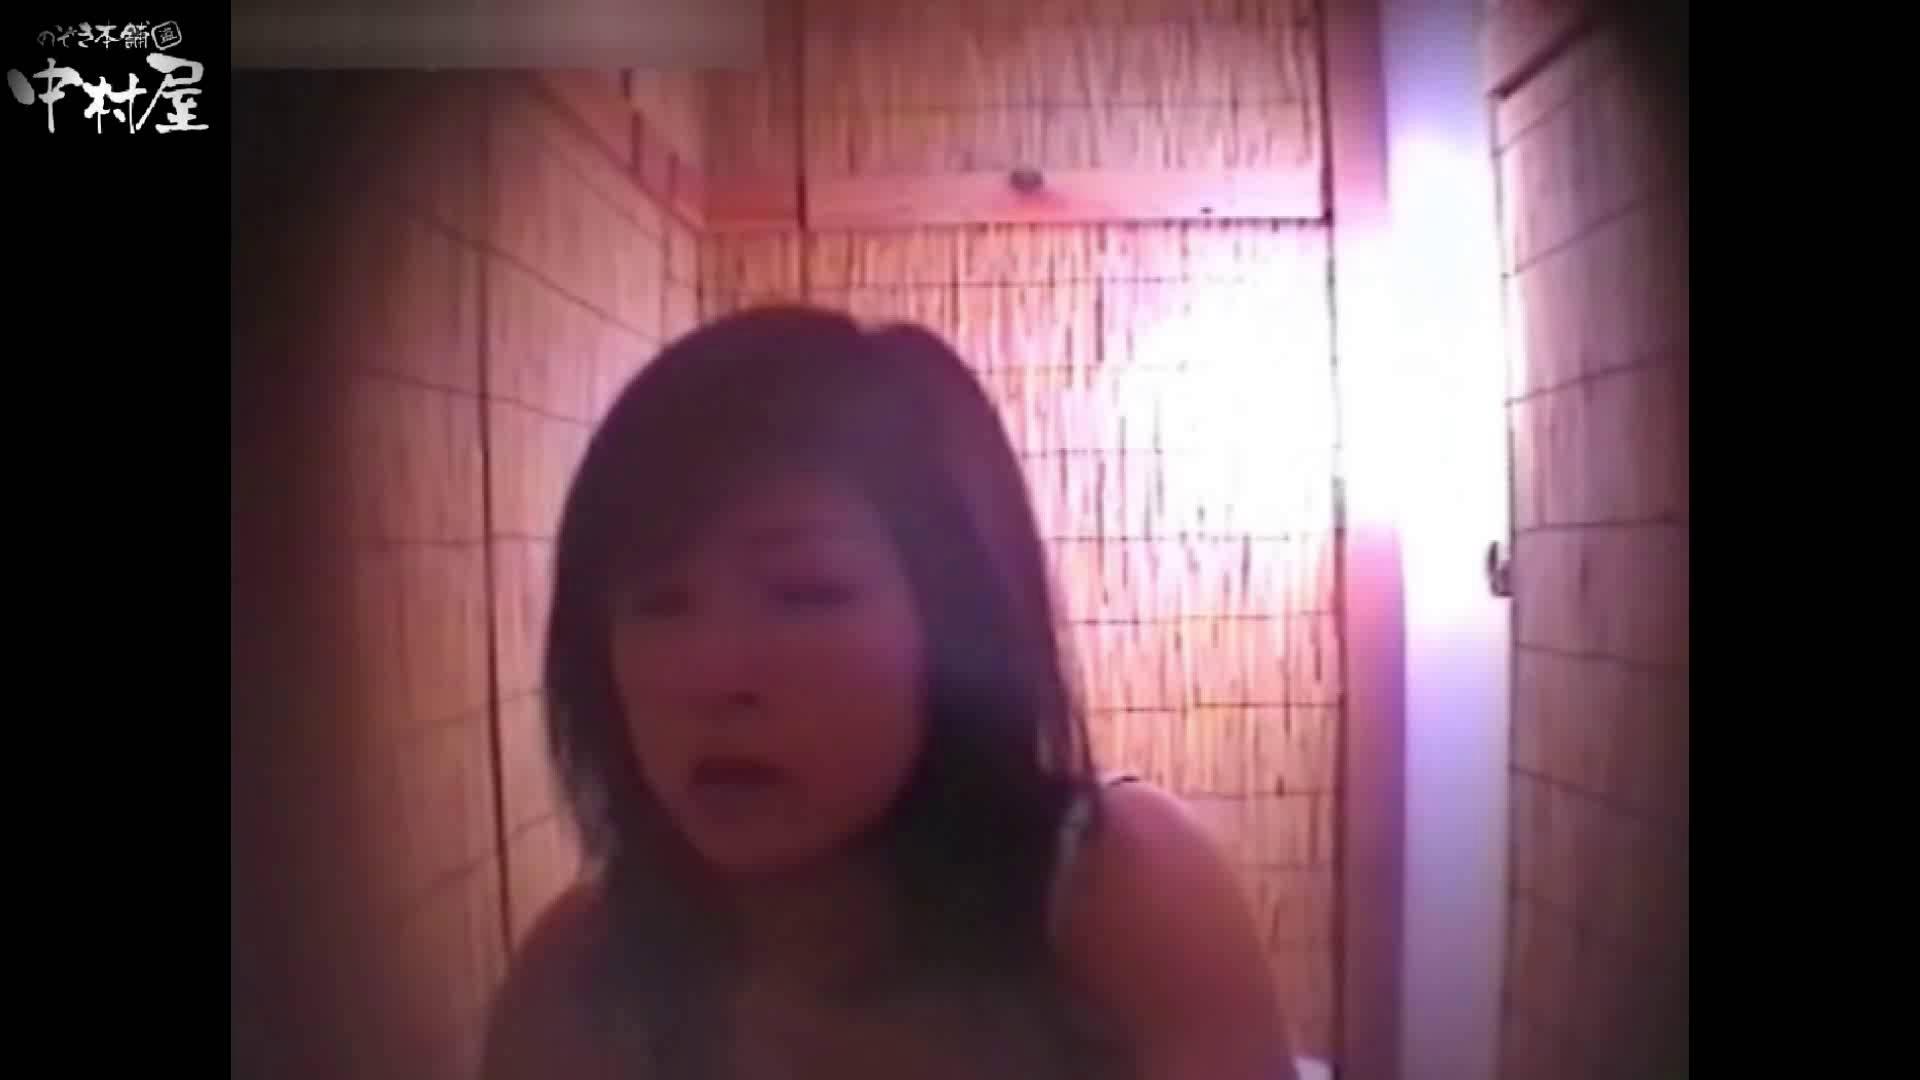 解禁!海の家4カメ洗面所vol.70 エロギャル   人気シリーズ  74画像 10